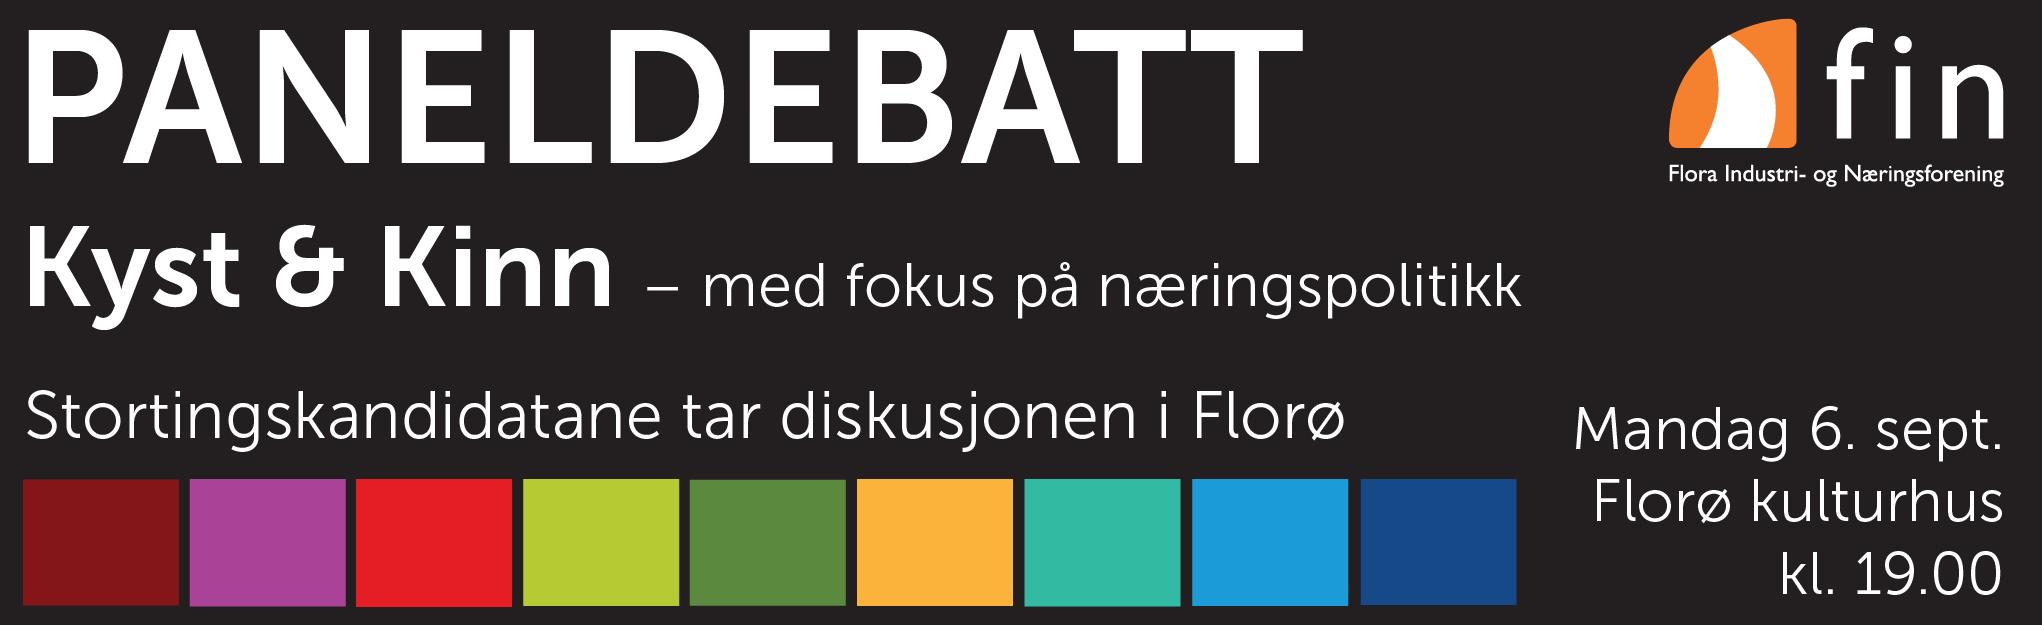 FIN annonse paneldebatt 6.9.2021